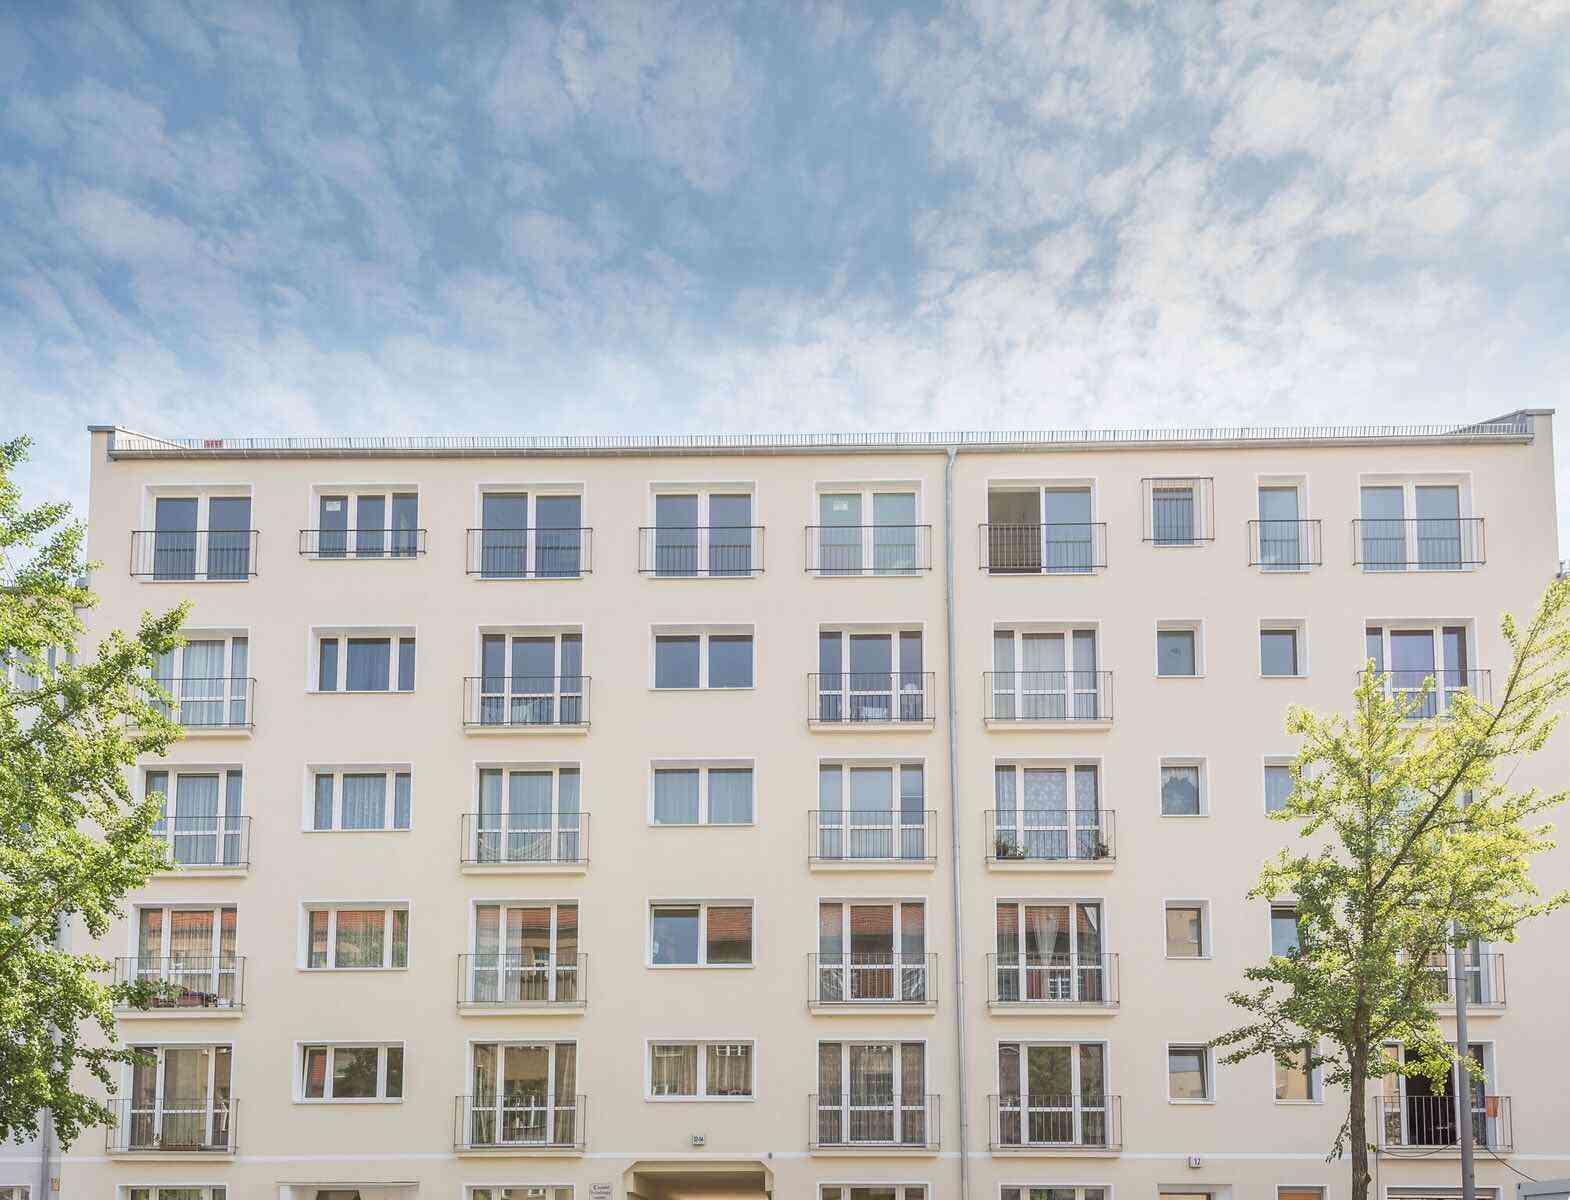 3 pi ces duplex en construction sous les combles avec terrasse appartement - Vente appartement berlin ...